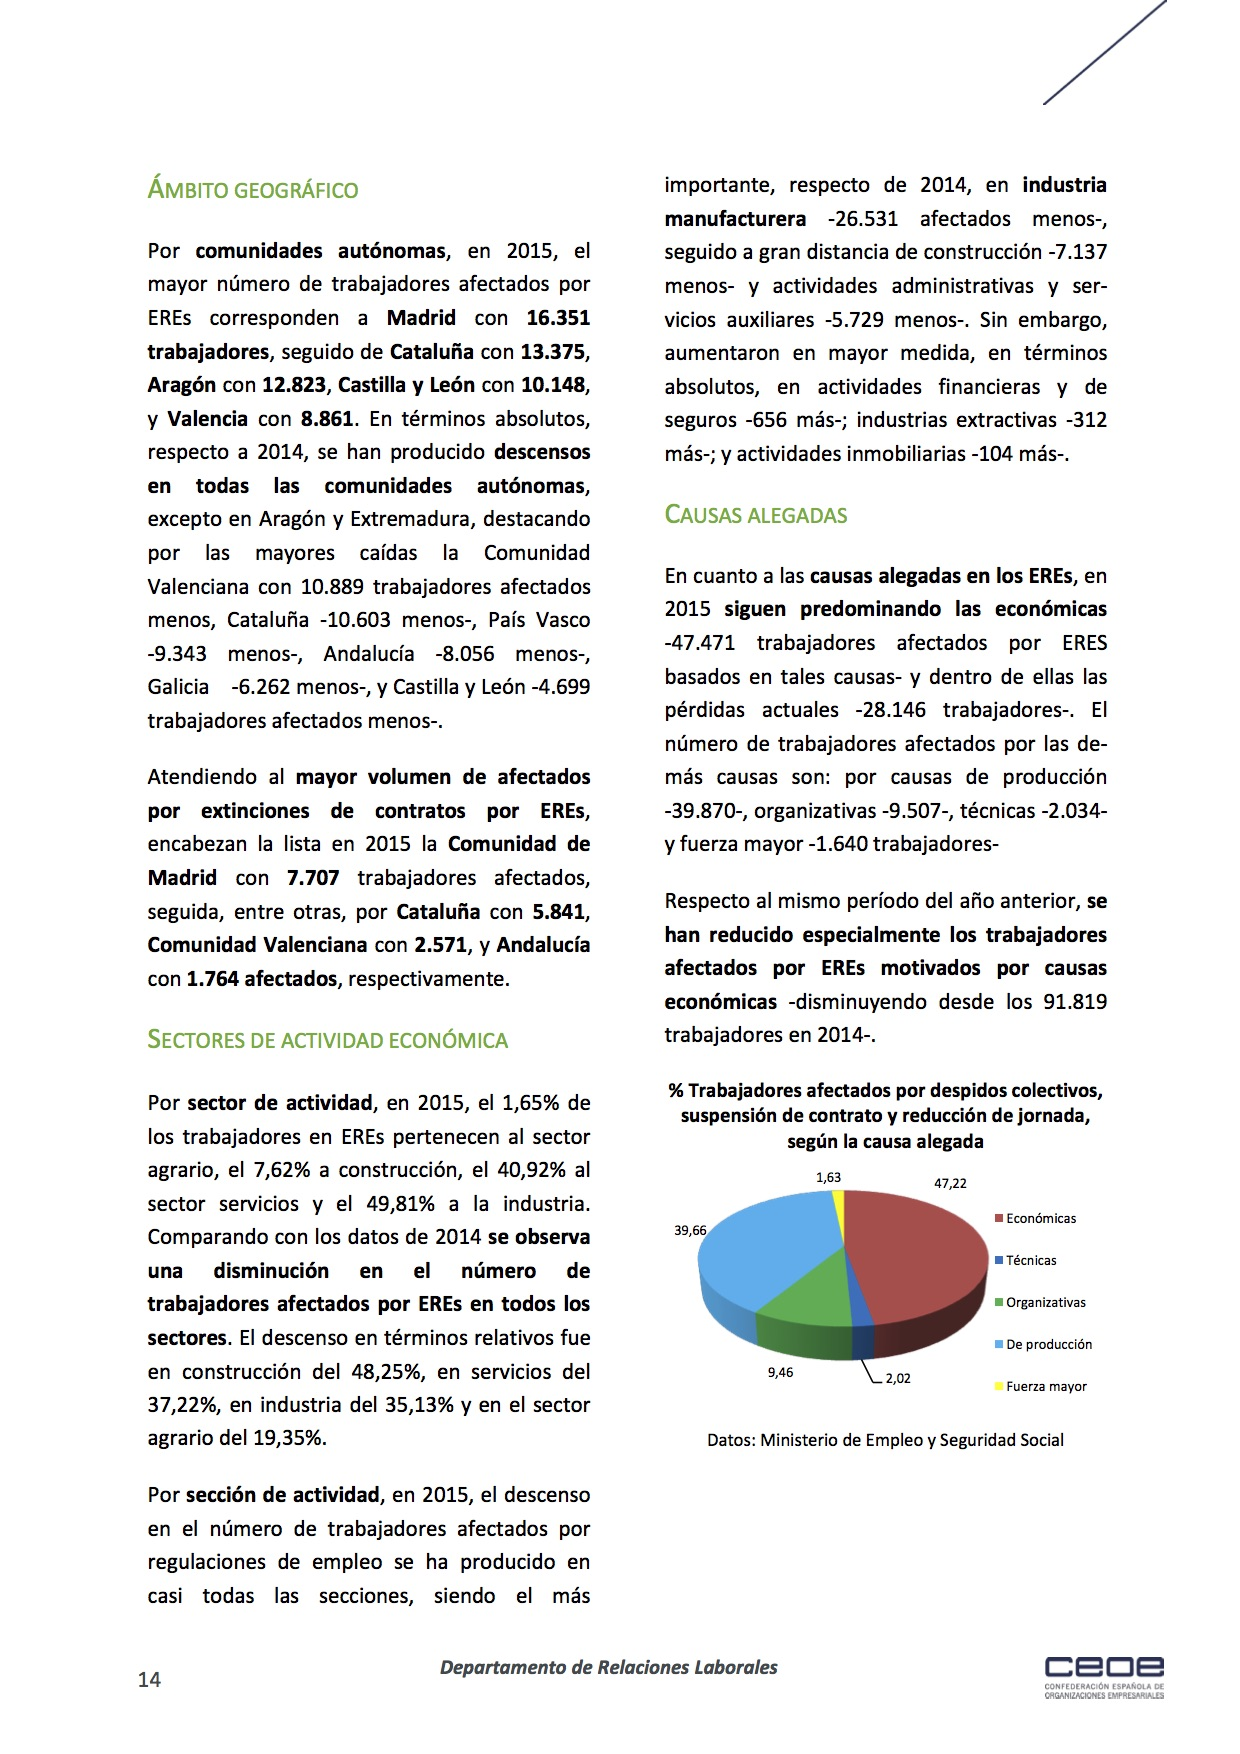 14publications_docs-file-175-analisis-del-mercado-laboral-de-2015